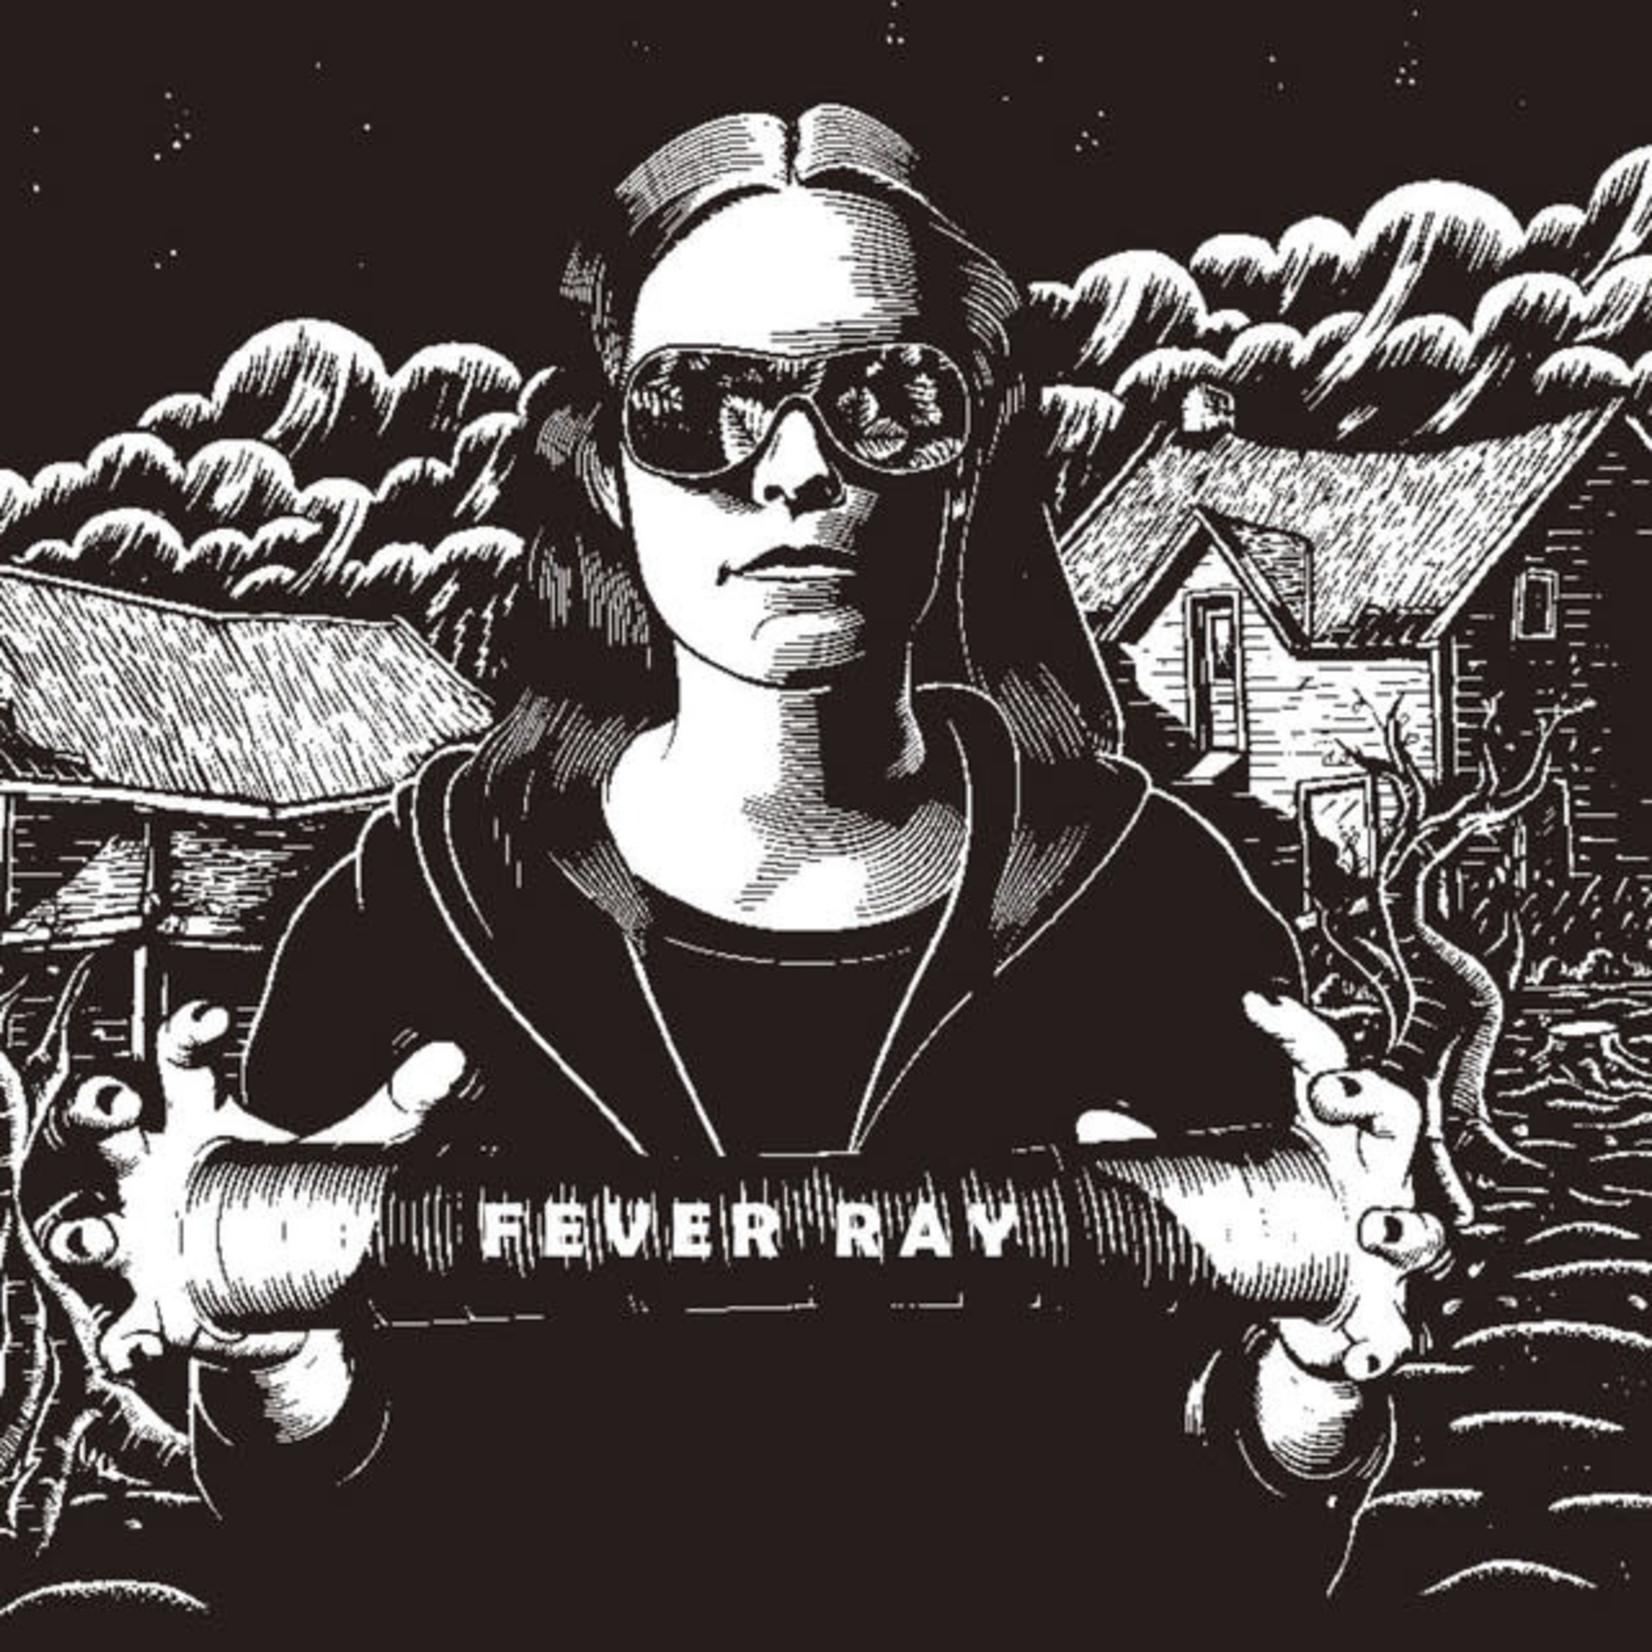 Vinyl Fever Ray - S/T